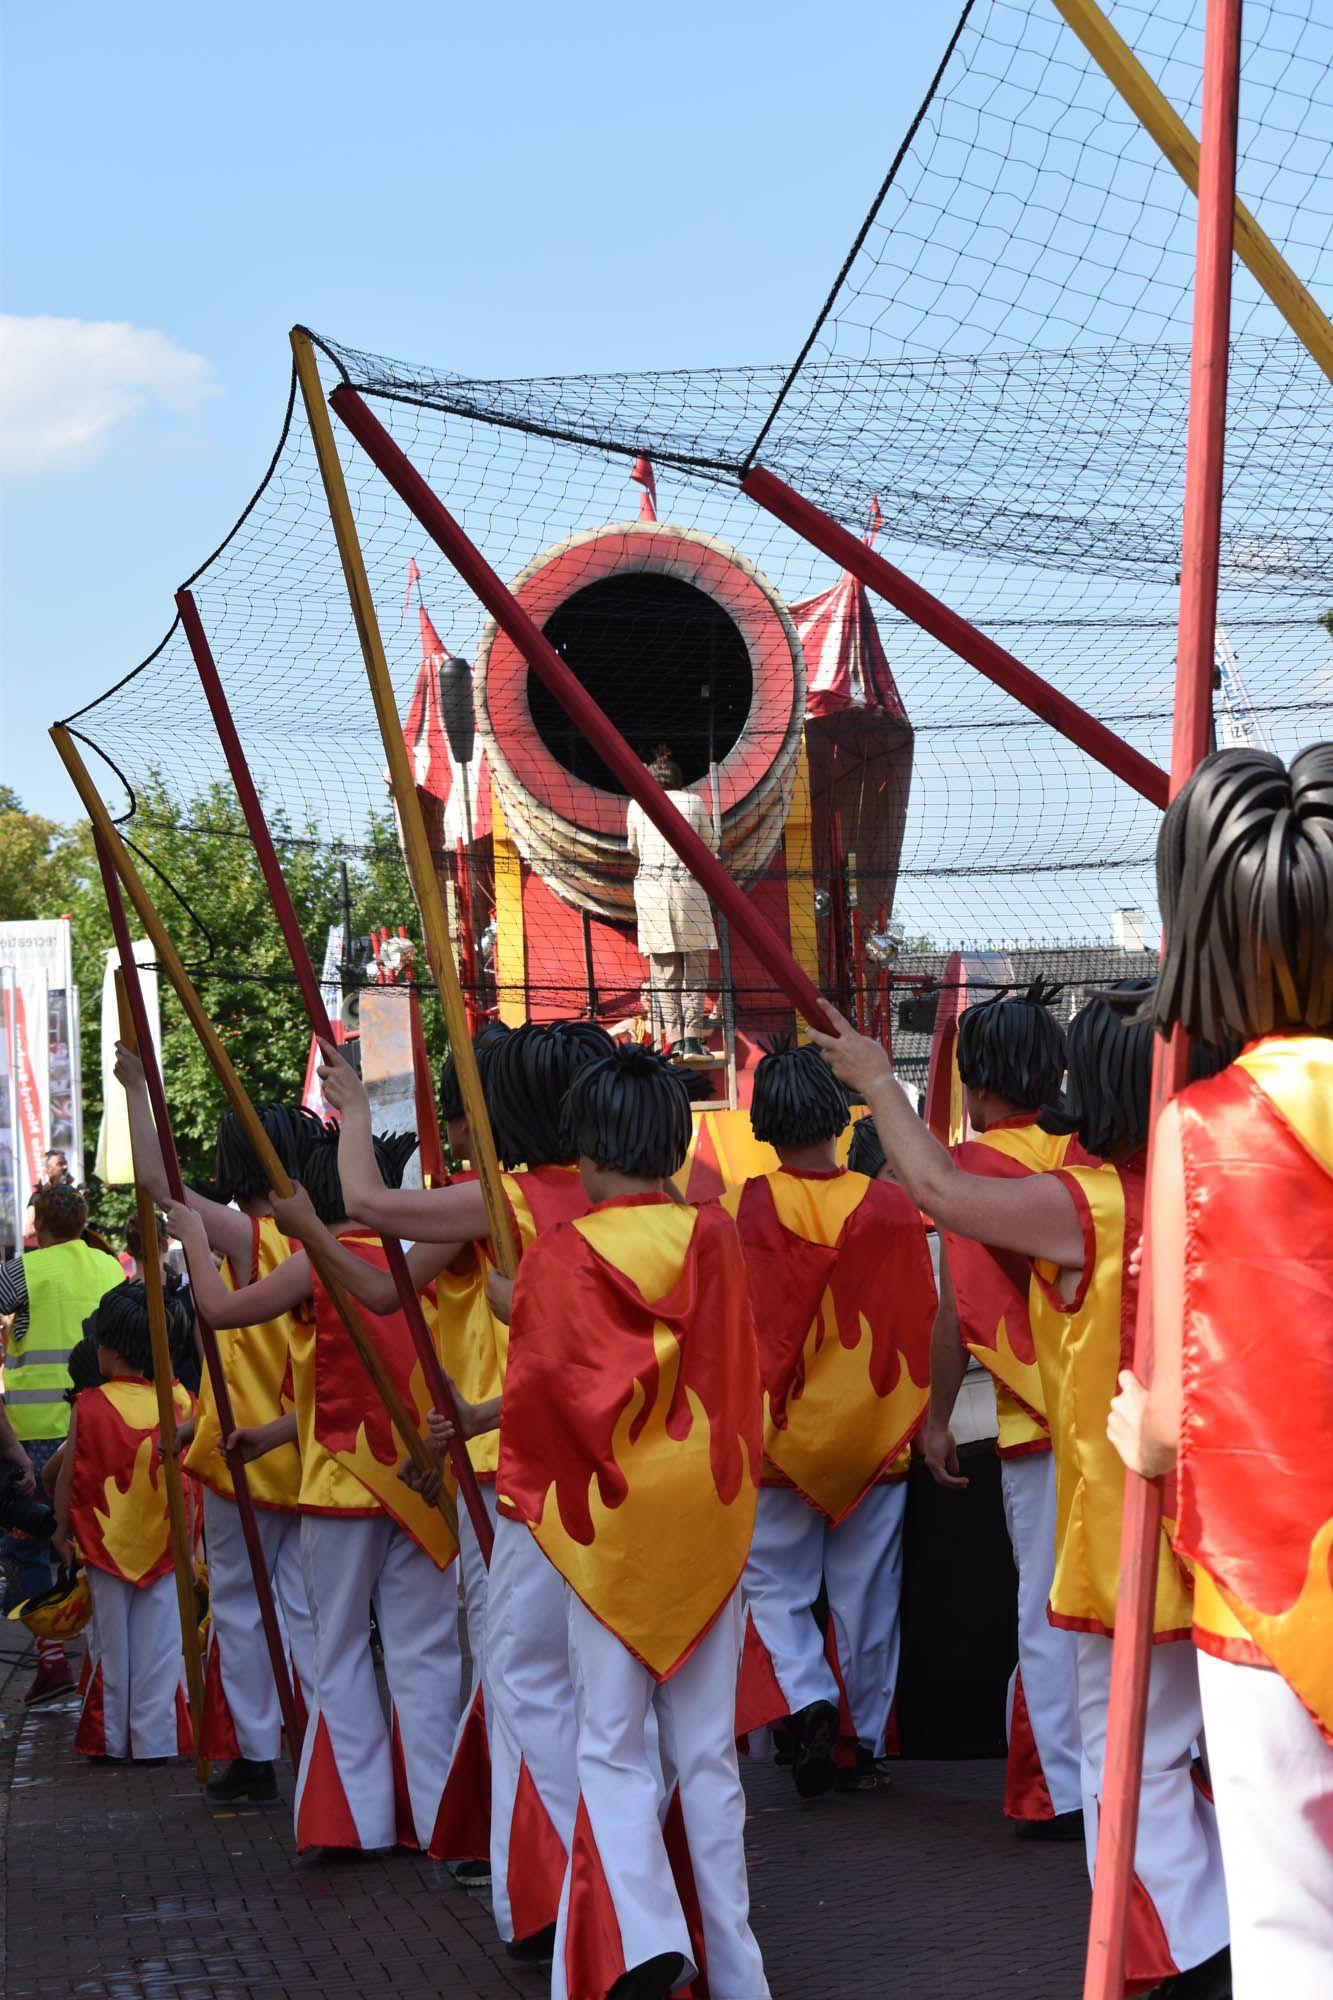 Circus Salto Mortale